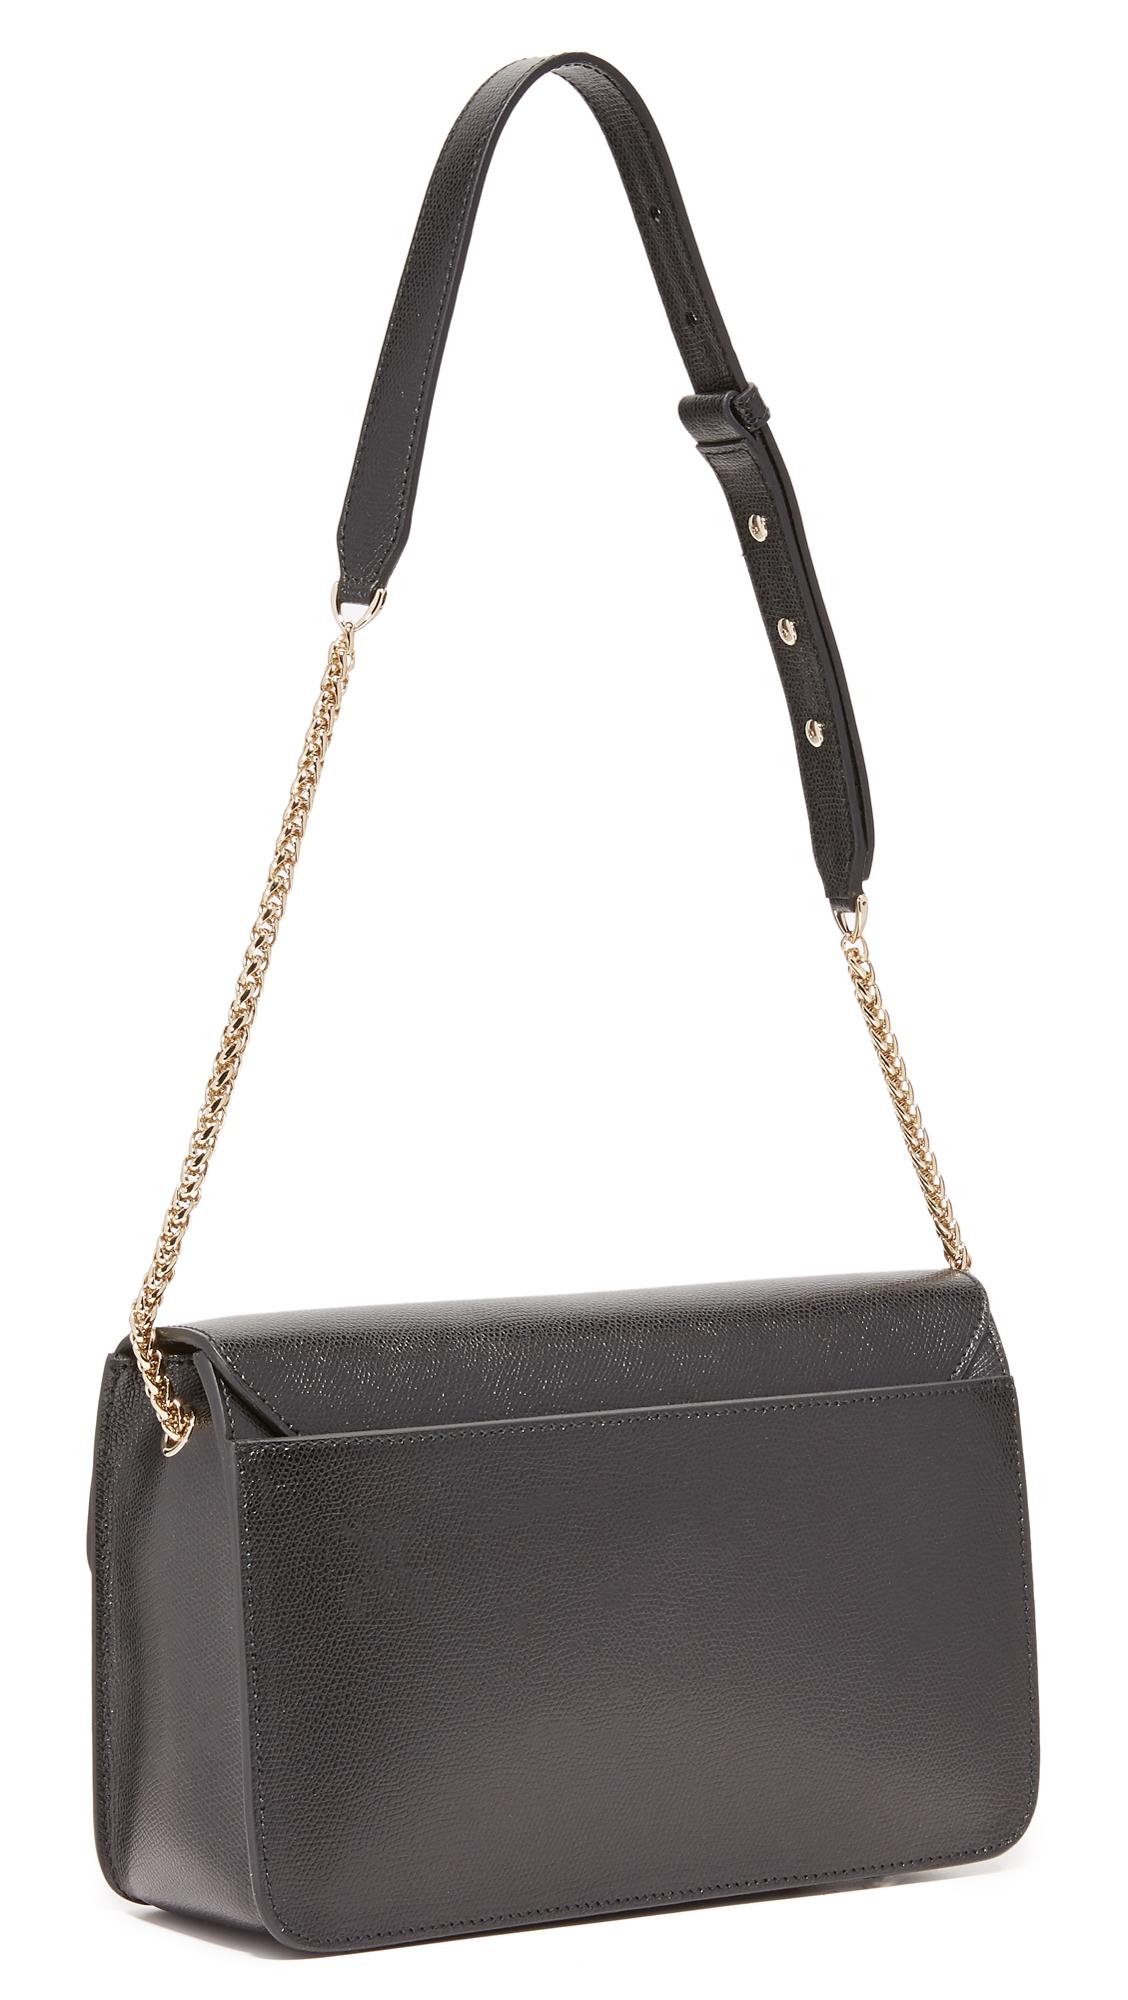 Furla Metropolis Shoulder Bag  14dd339587c29